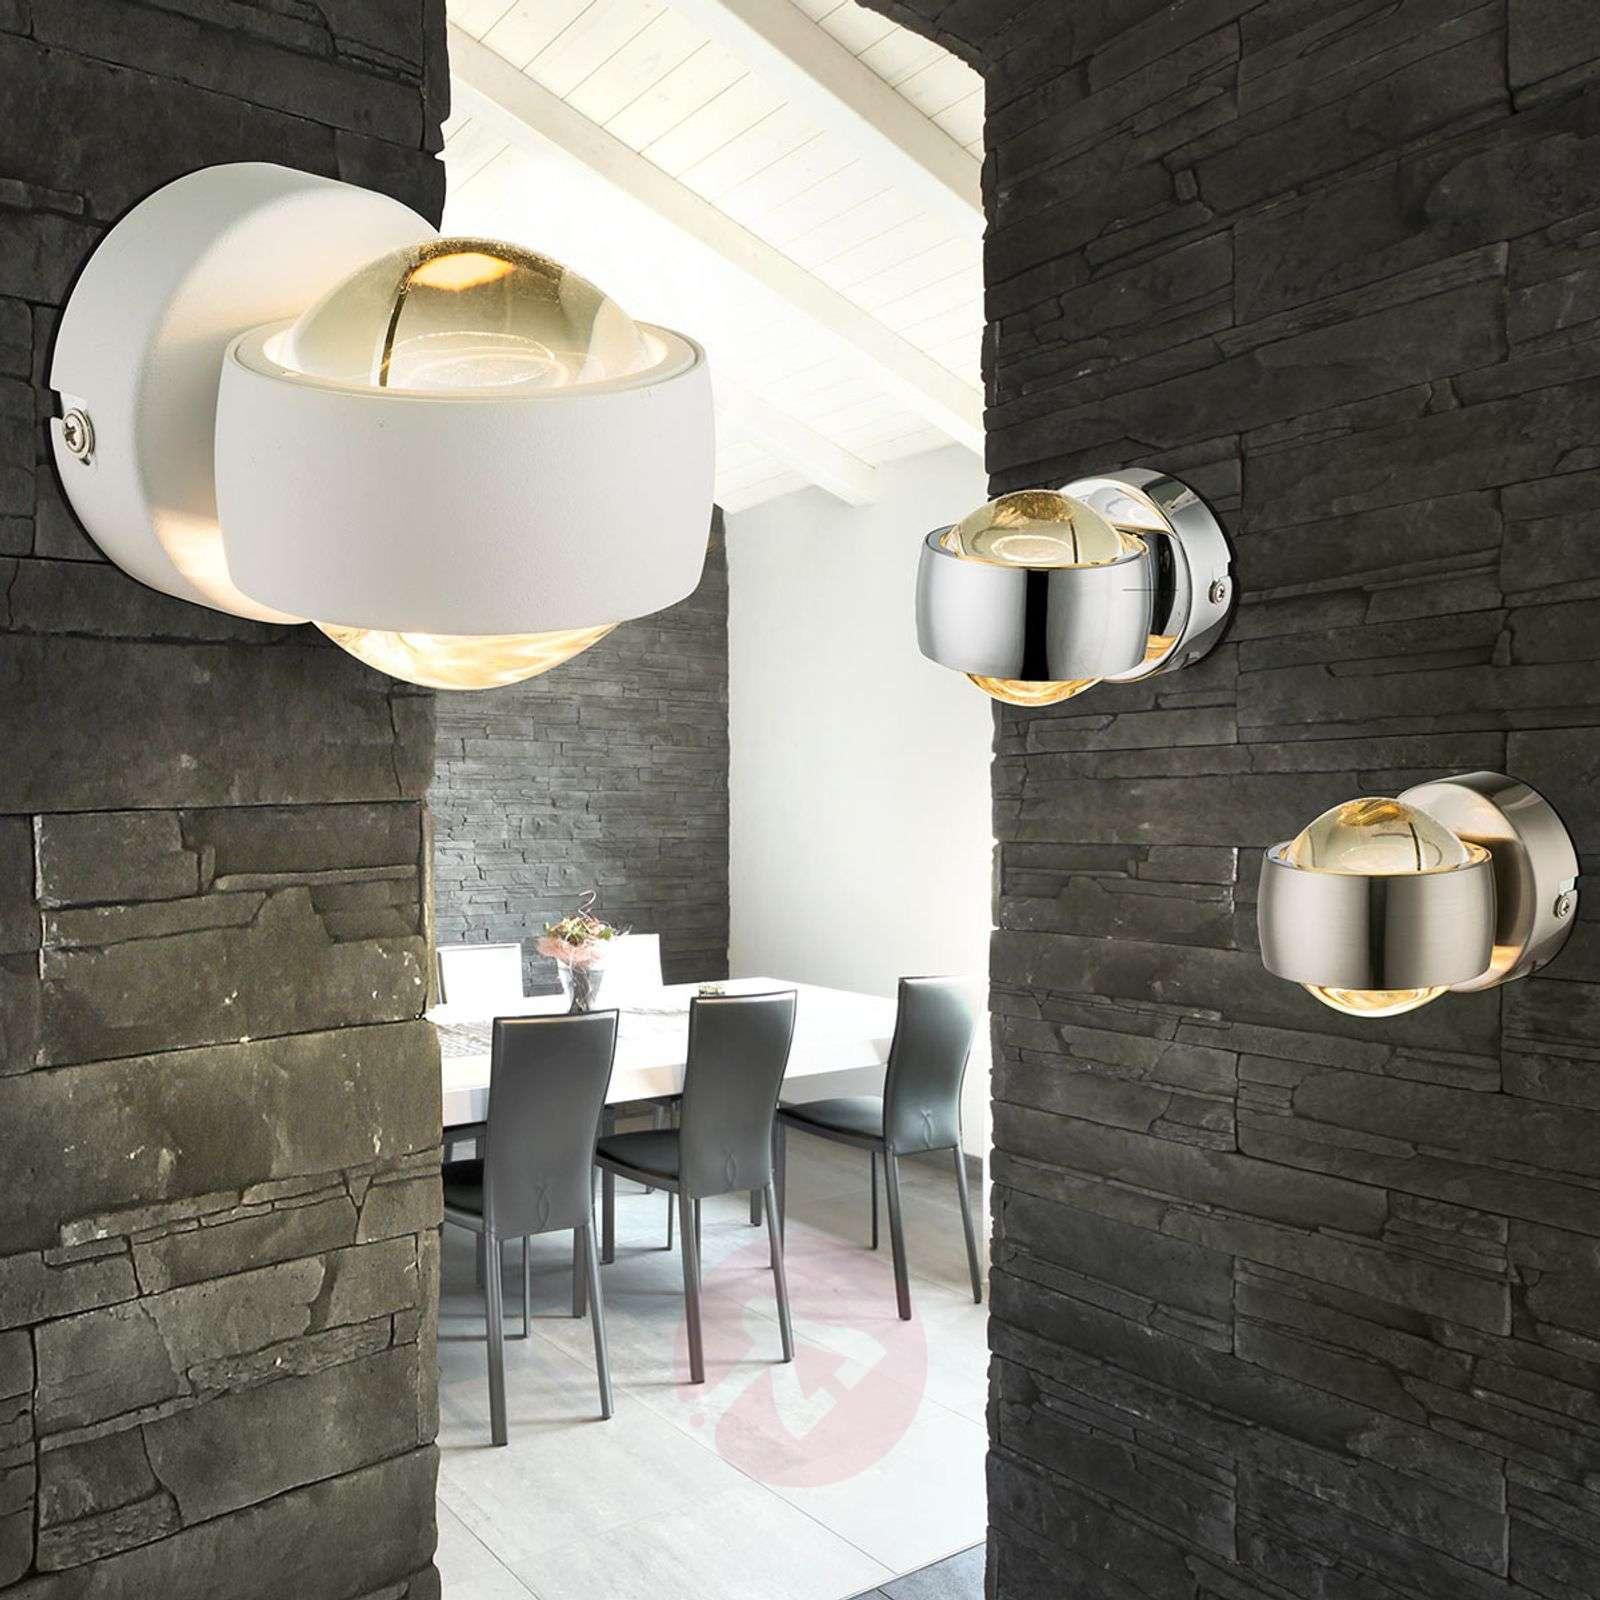 Kromattu LED-seinävalaisin Randi-4015104-01